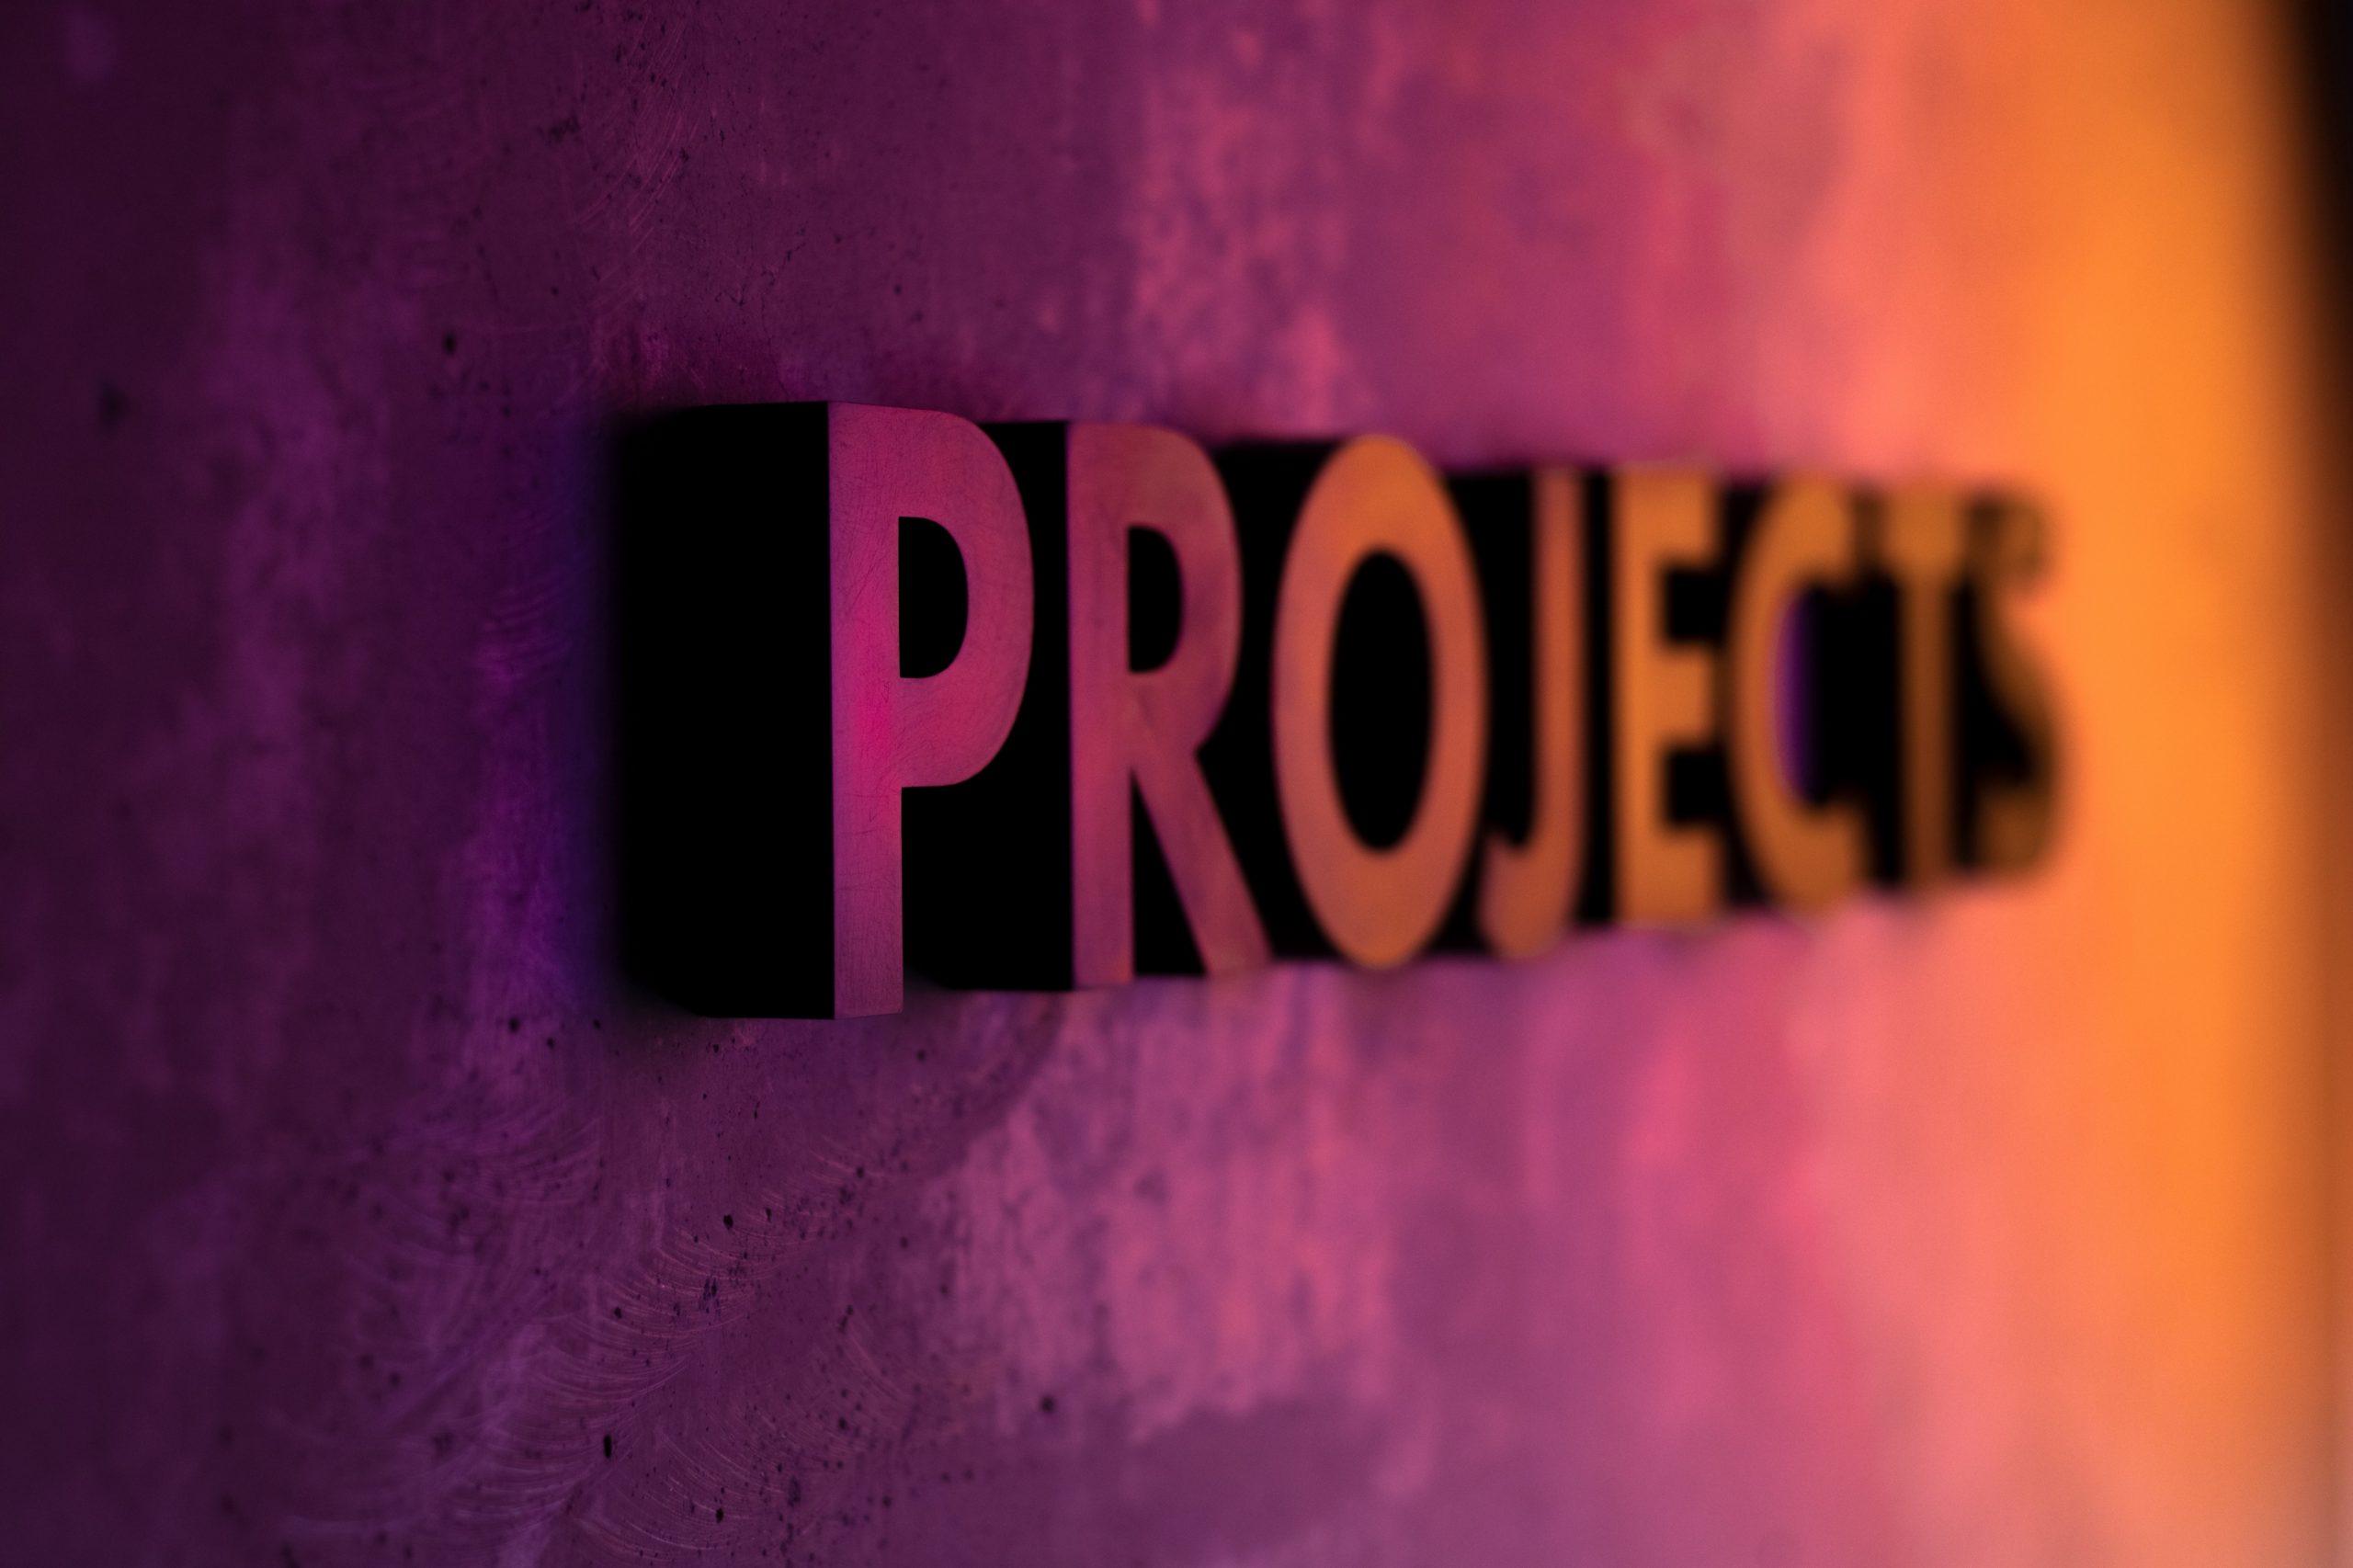 كيف ابدأ مشروع صغير بدون رأس مال